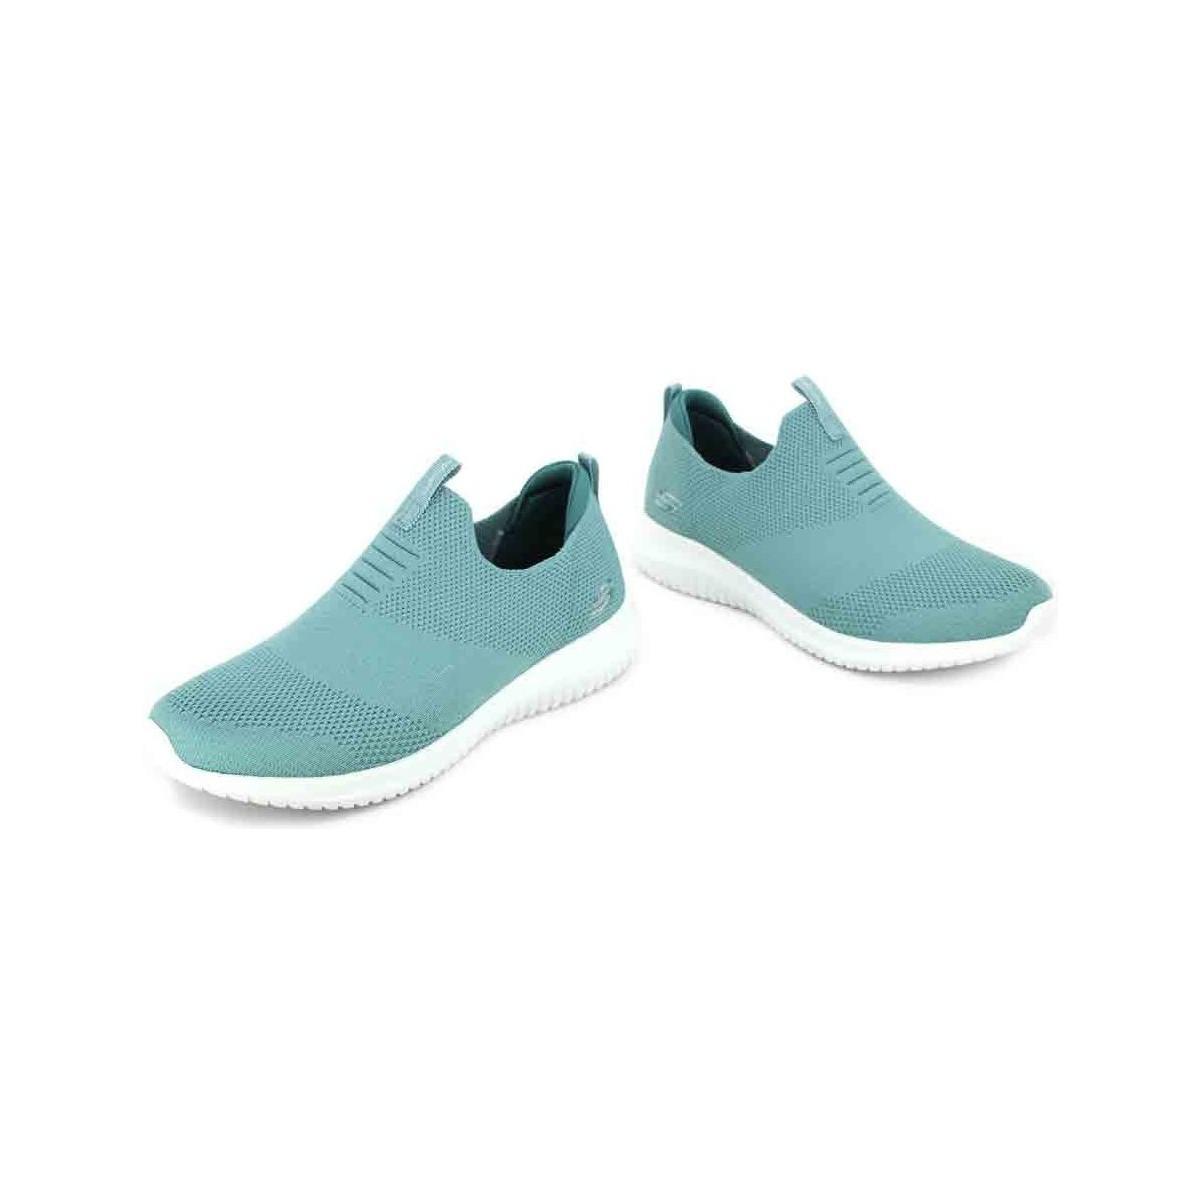 850560e8c4d4 Skechers 12837 Ultra Flex First Take Sneakers Women Women s Trainers ...